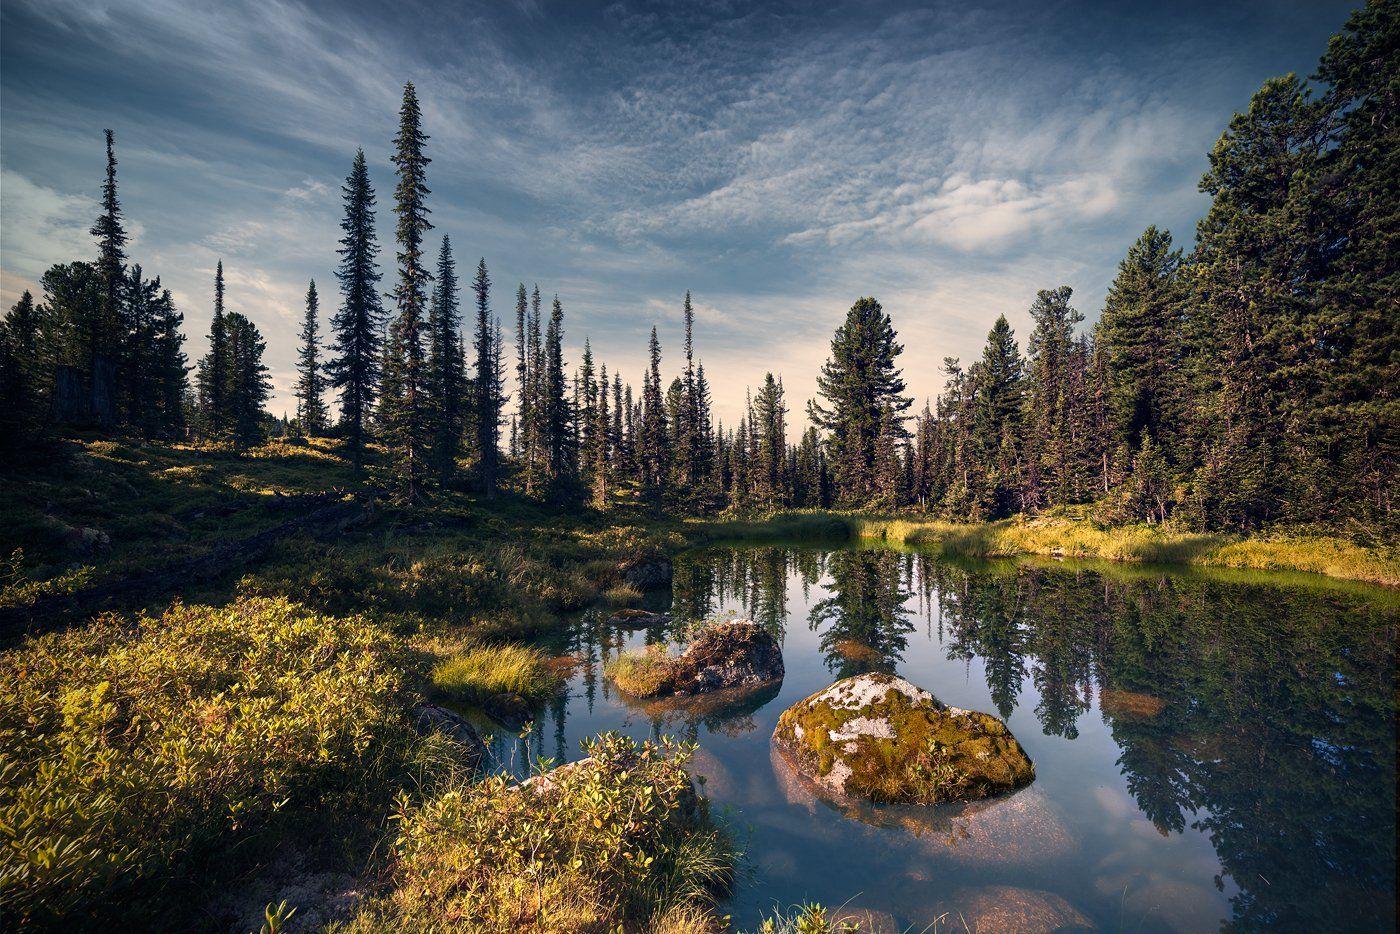 пейзаж, природа, тайга, лес, глухая, красивая, озеро, камни, холодное, чистое, прозрачное, утро, мох, сибирь, ергаки, красноярский край, хребет, горы, природа, парк, утро, Дмитрий Антипов